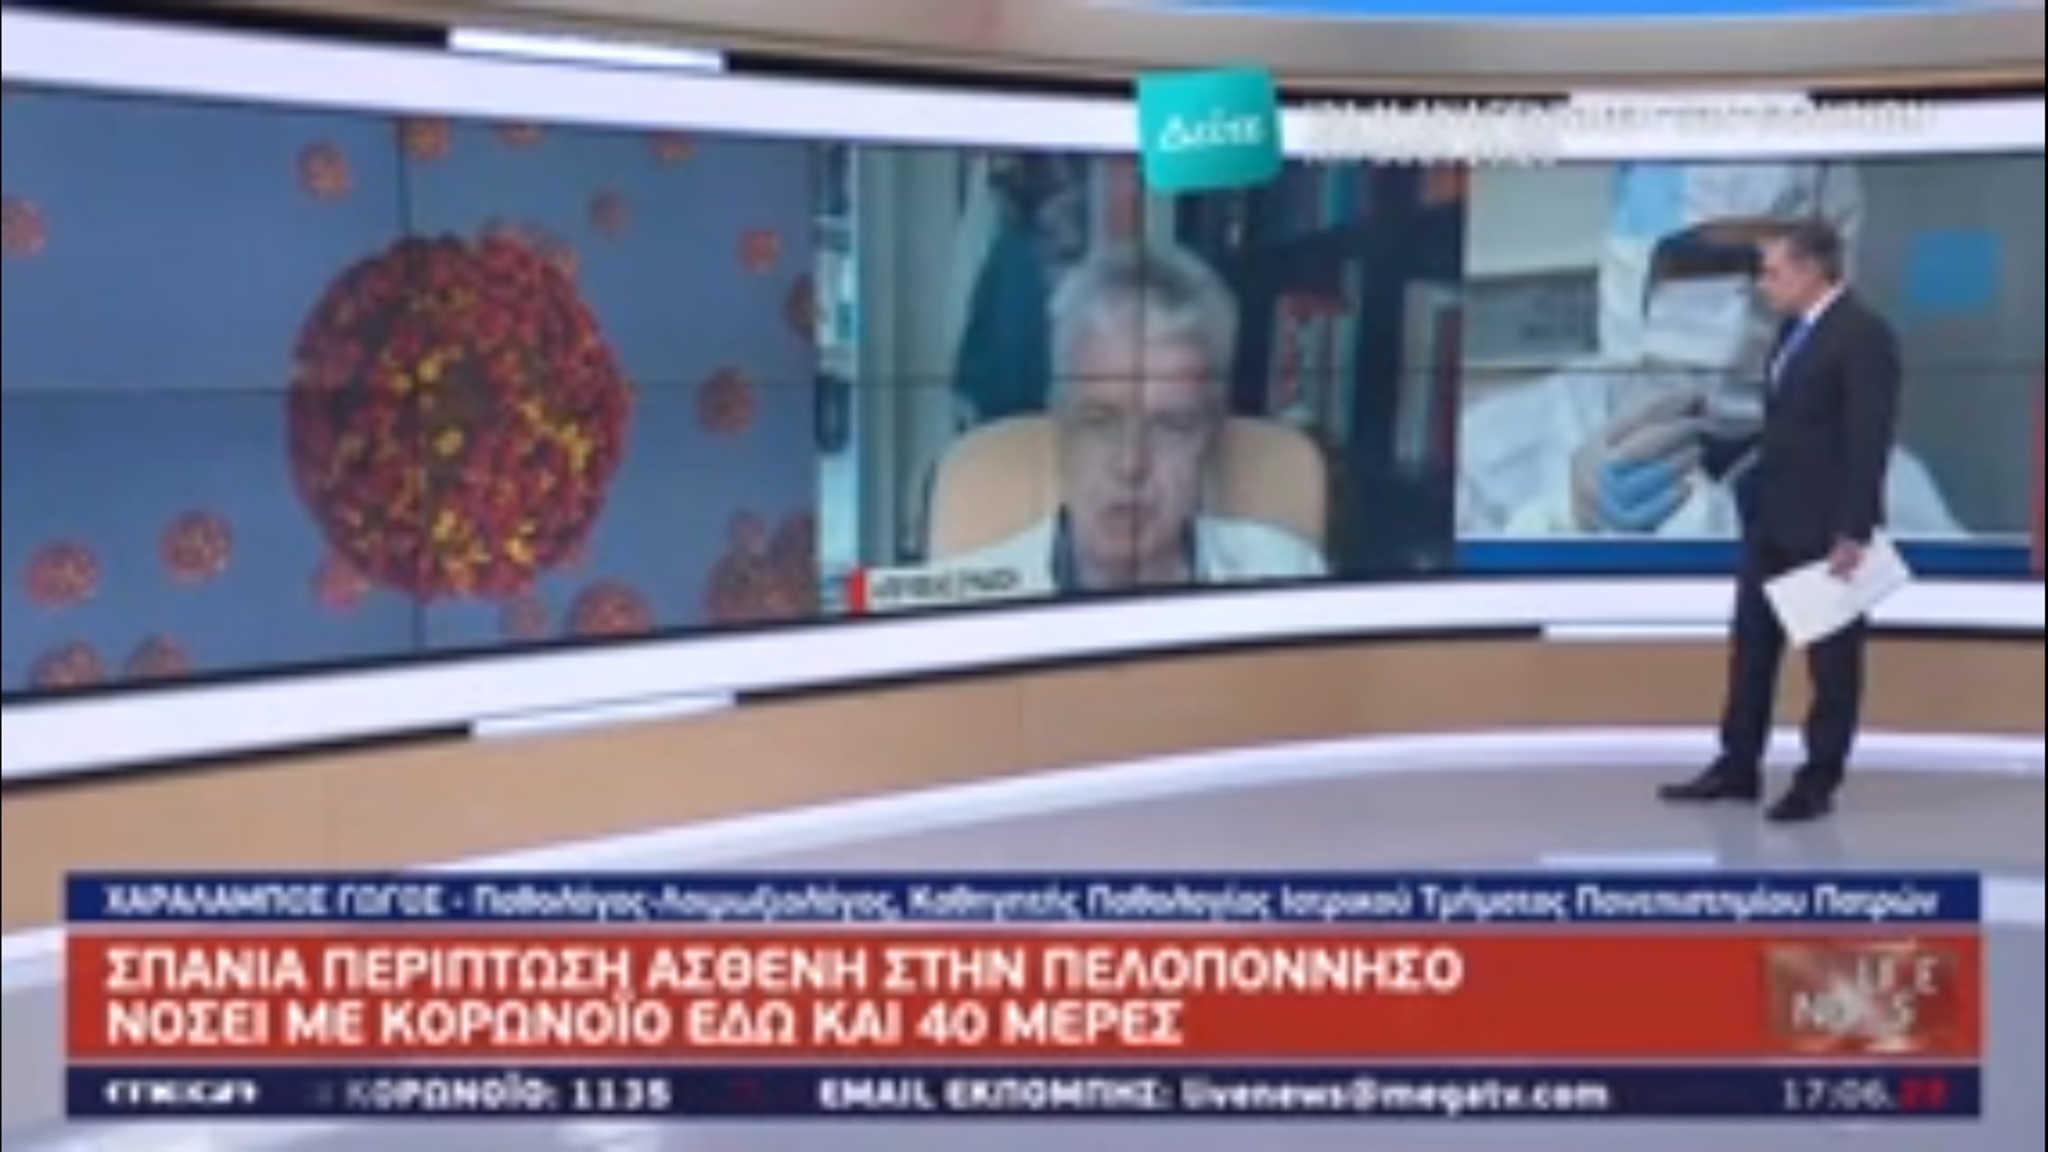 Έλληνας νοσεί 40 μέρες από κορωνοϊό χωρίς συμπτώματα – Θετικά τέσσερα τεστ